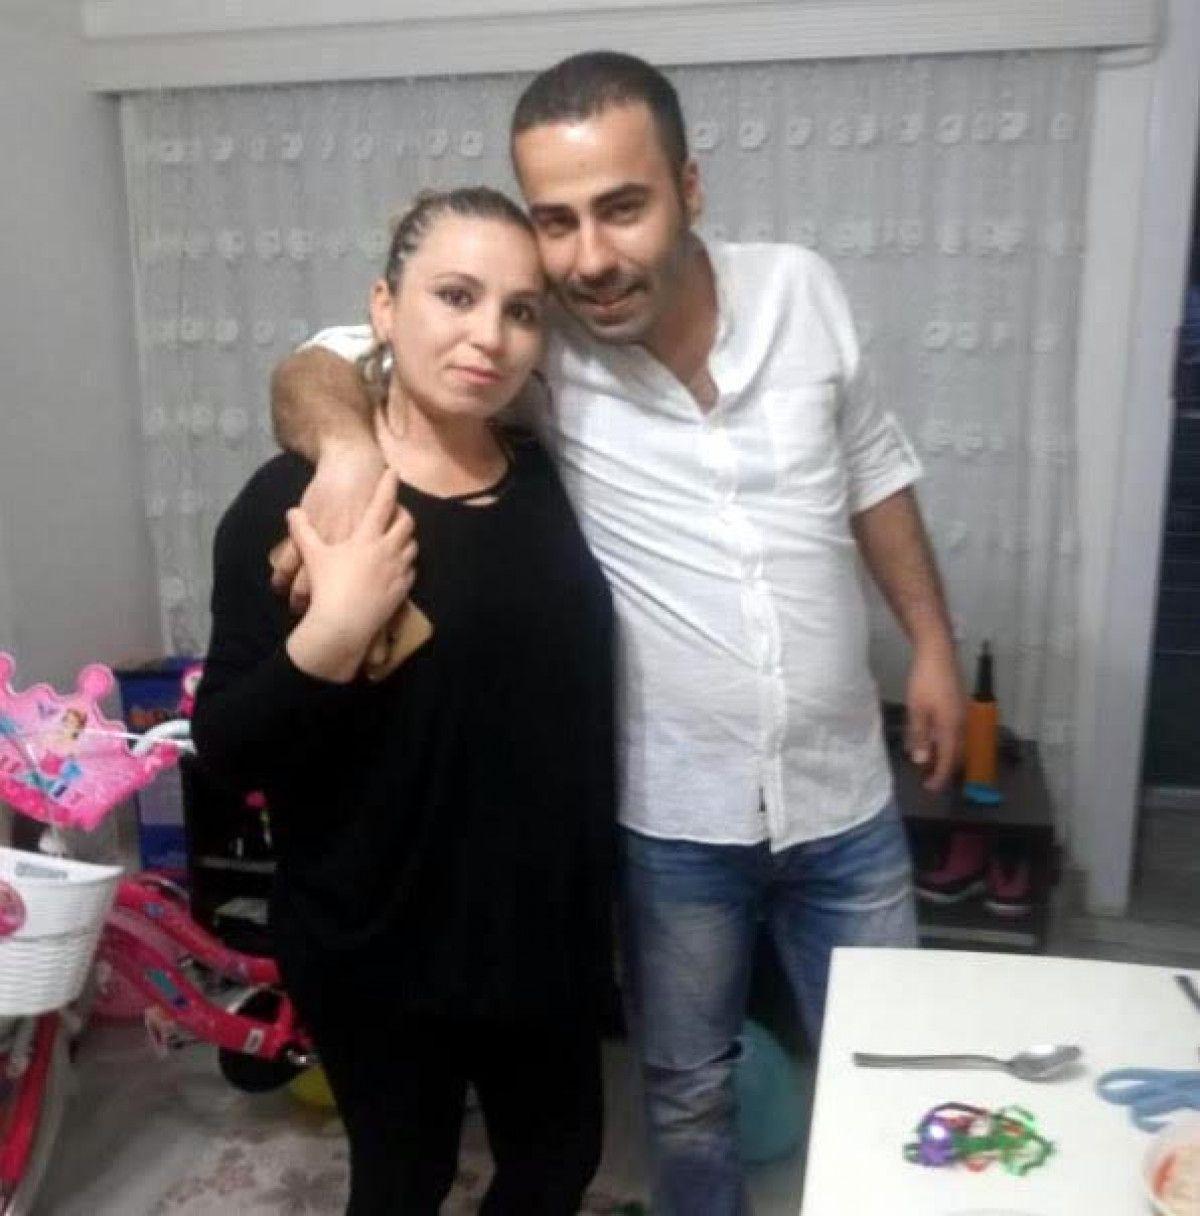 İzmir de eski eşini öldüren şahsa ağırlaştırılmış müebbet hapis istendi #2